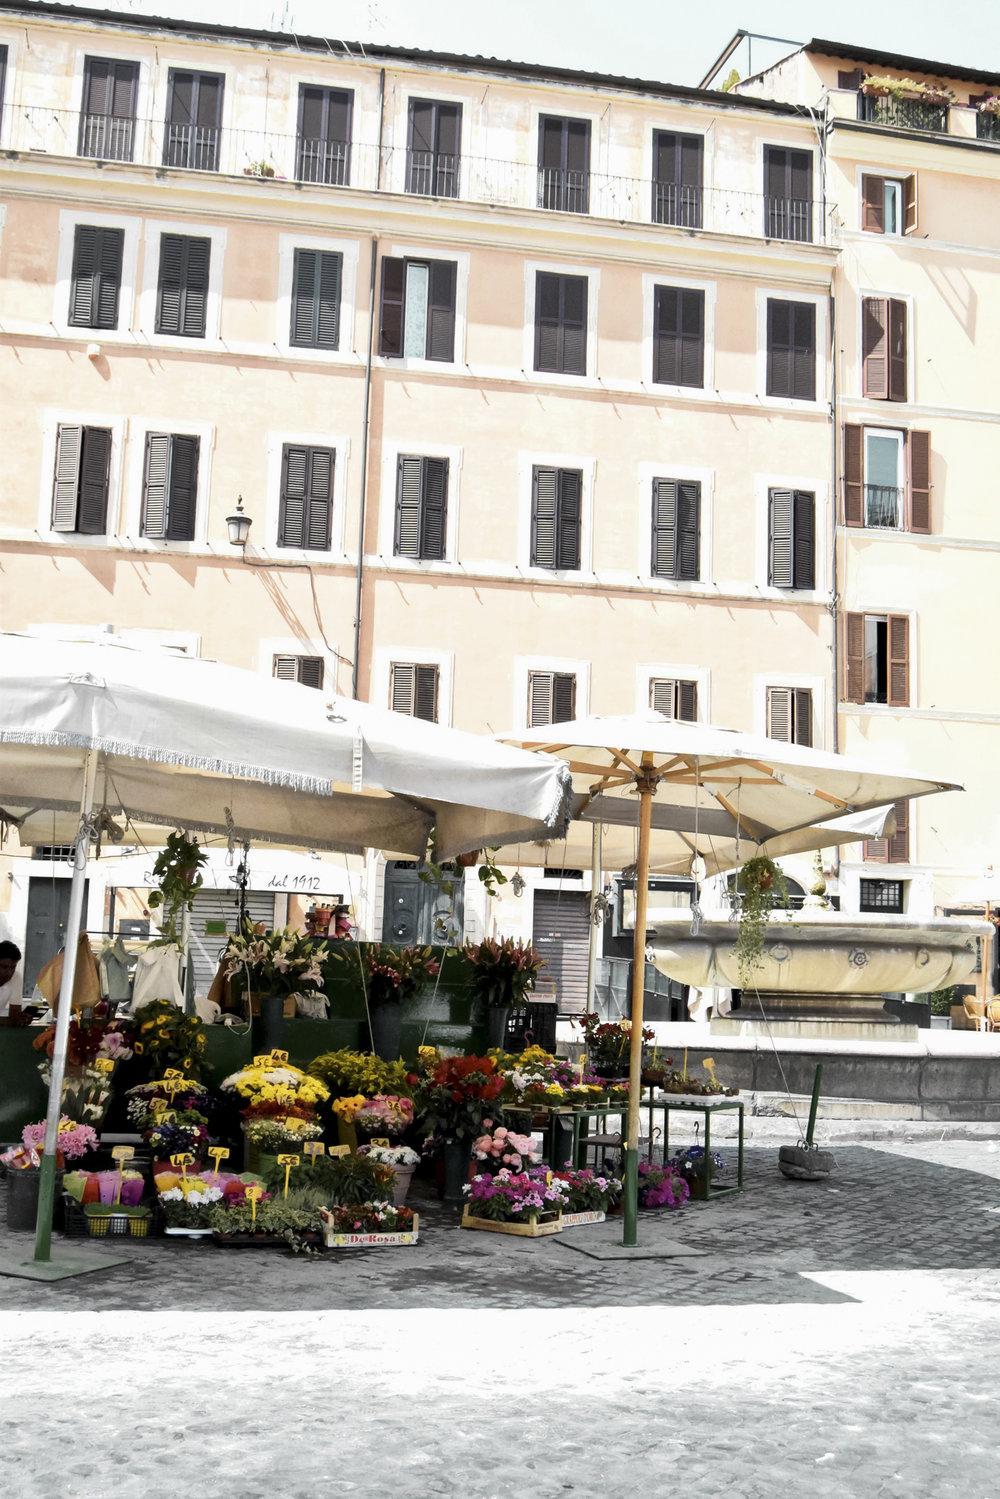 """- Wunderschön zum Verweilen und Schlendern – der Campo de' Fiori; übersetzt bedeutet das so viel wie """"Blumenplatz"""". Und seien wir ehrlich: ein Platz mit dieser Namensgebung kann nur entzückend sein! Zu unserem Glück befinden sich dort sowohl ein paar italienische Restaurants und coole Cafes.Auf einer tiefen Ledercouch sitzend bestellte ich mir einen Cocktail im Taba Cafe,während ein Mann spanische Musik auf seiner Gitarre spielte. Den Platz kann ich euch also absolut ans Herz legen!"""